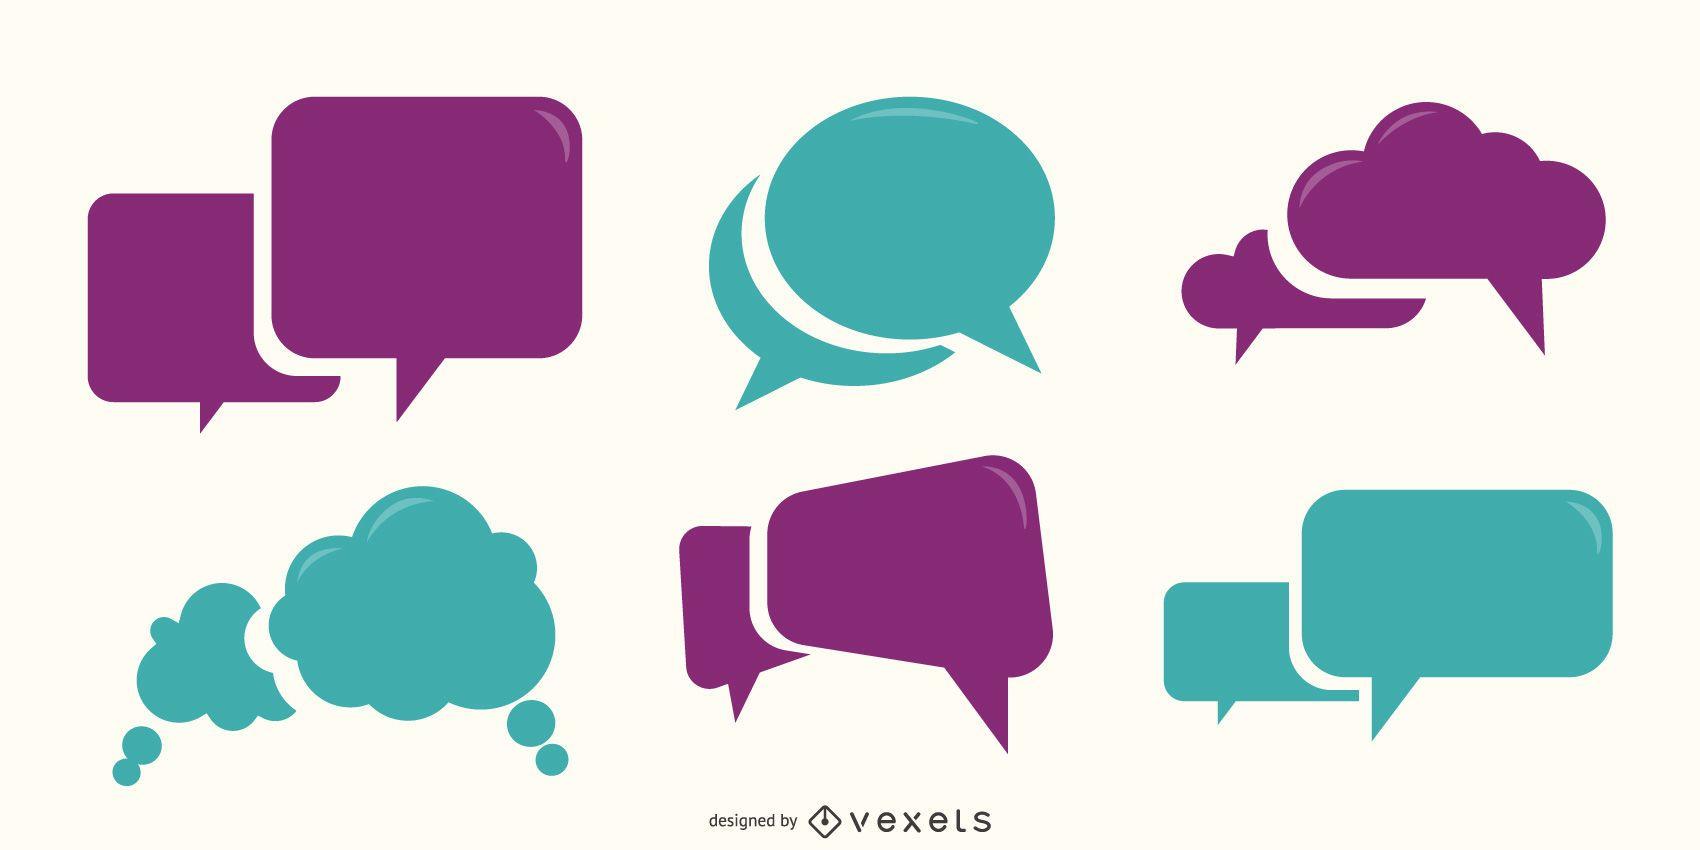 Paquete de burbujas de pensamiento y discurso